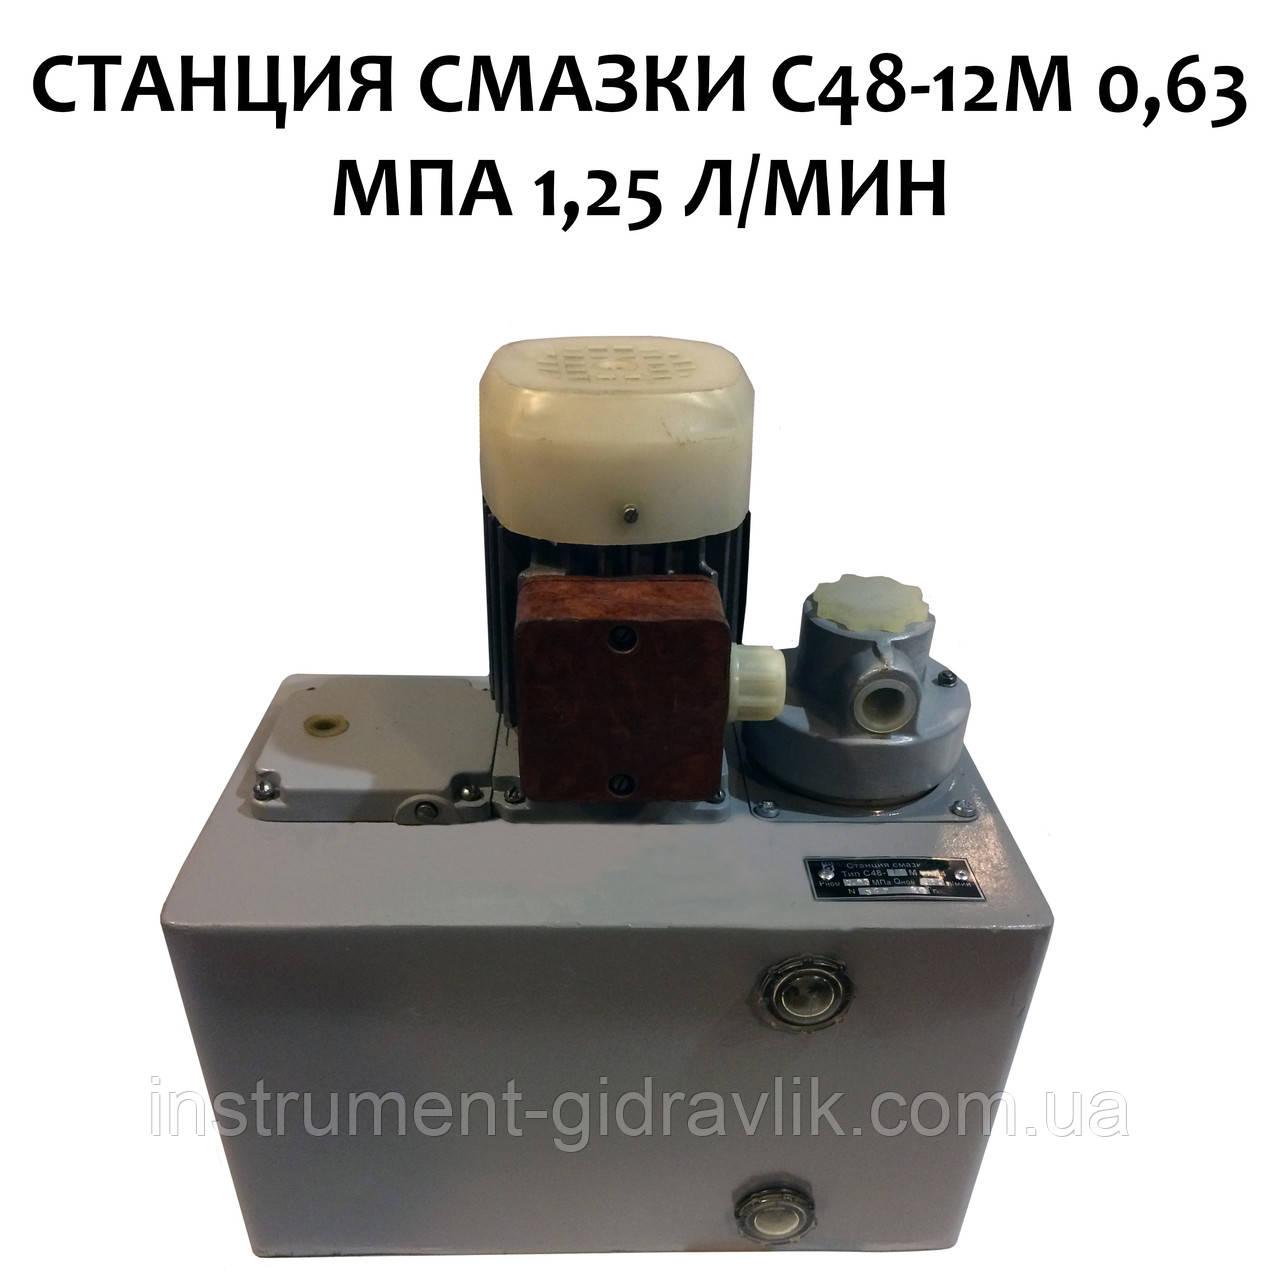 Станция смазки С48-12М 0,63 МПа 1,25 л/мин